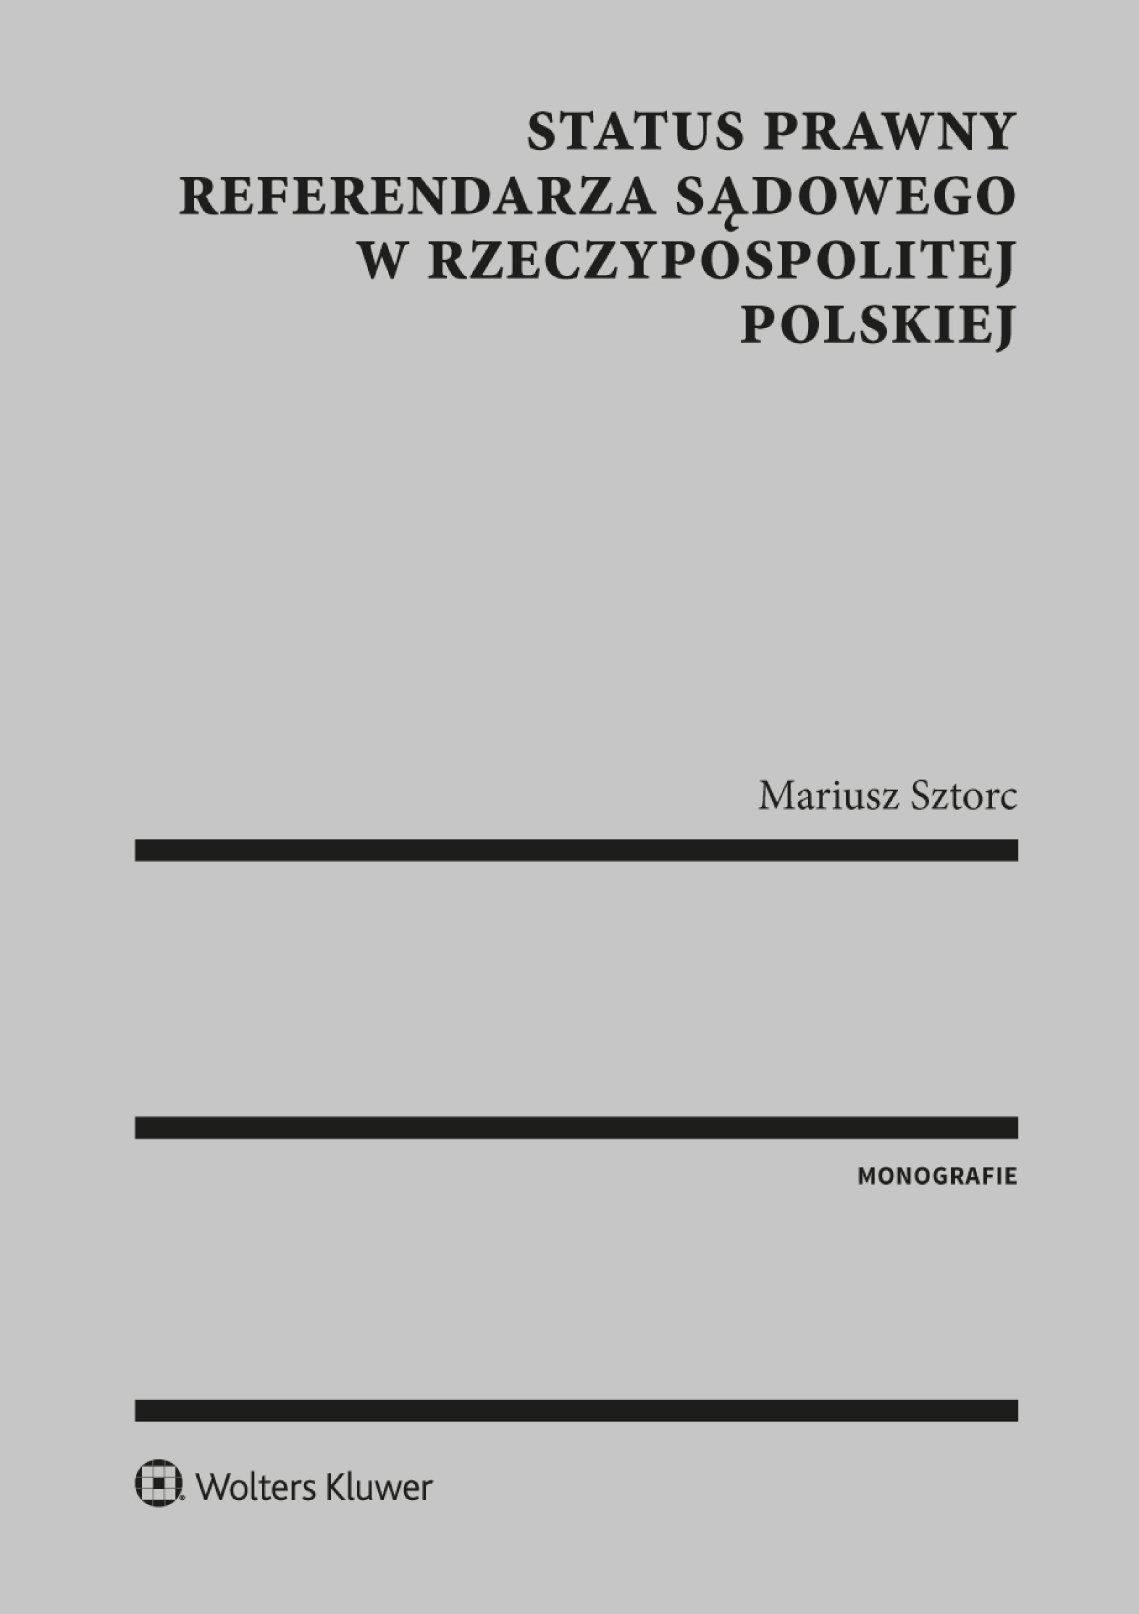 Status prawny referendarza sądowego w Rzeczypospolitej Polskiej - Ebook (Książka PDF) do pobrania w formacie PDF